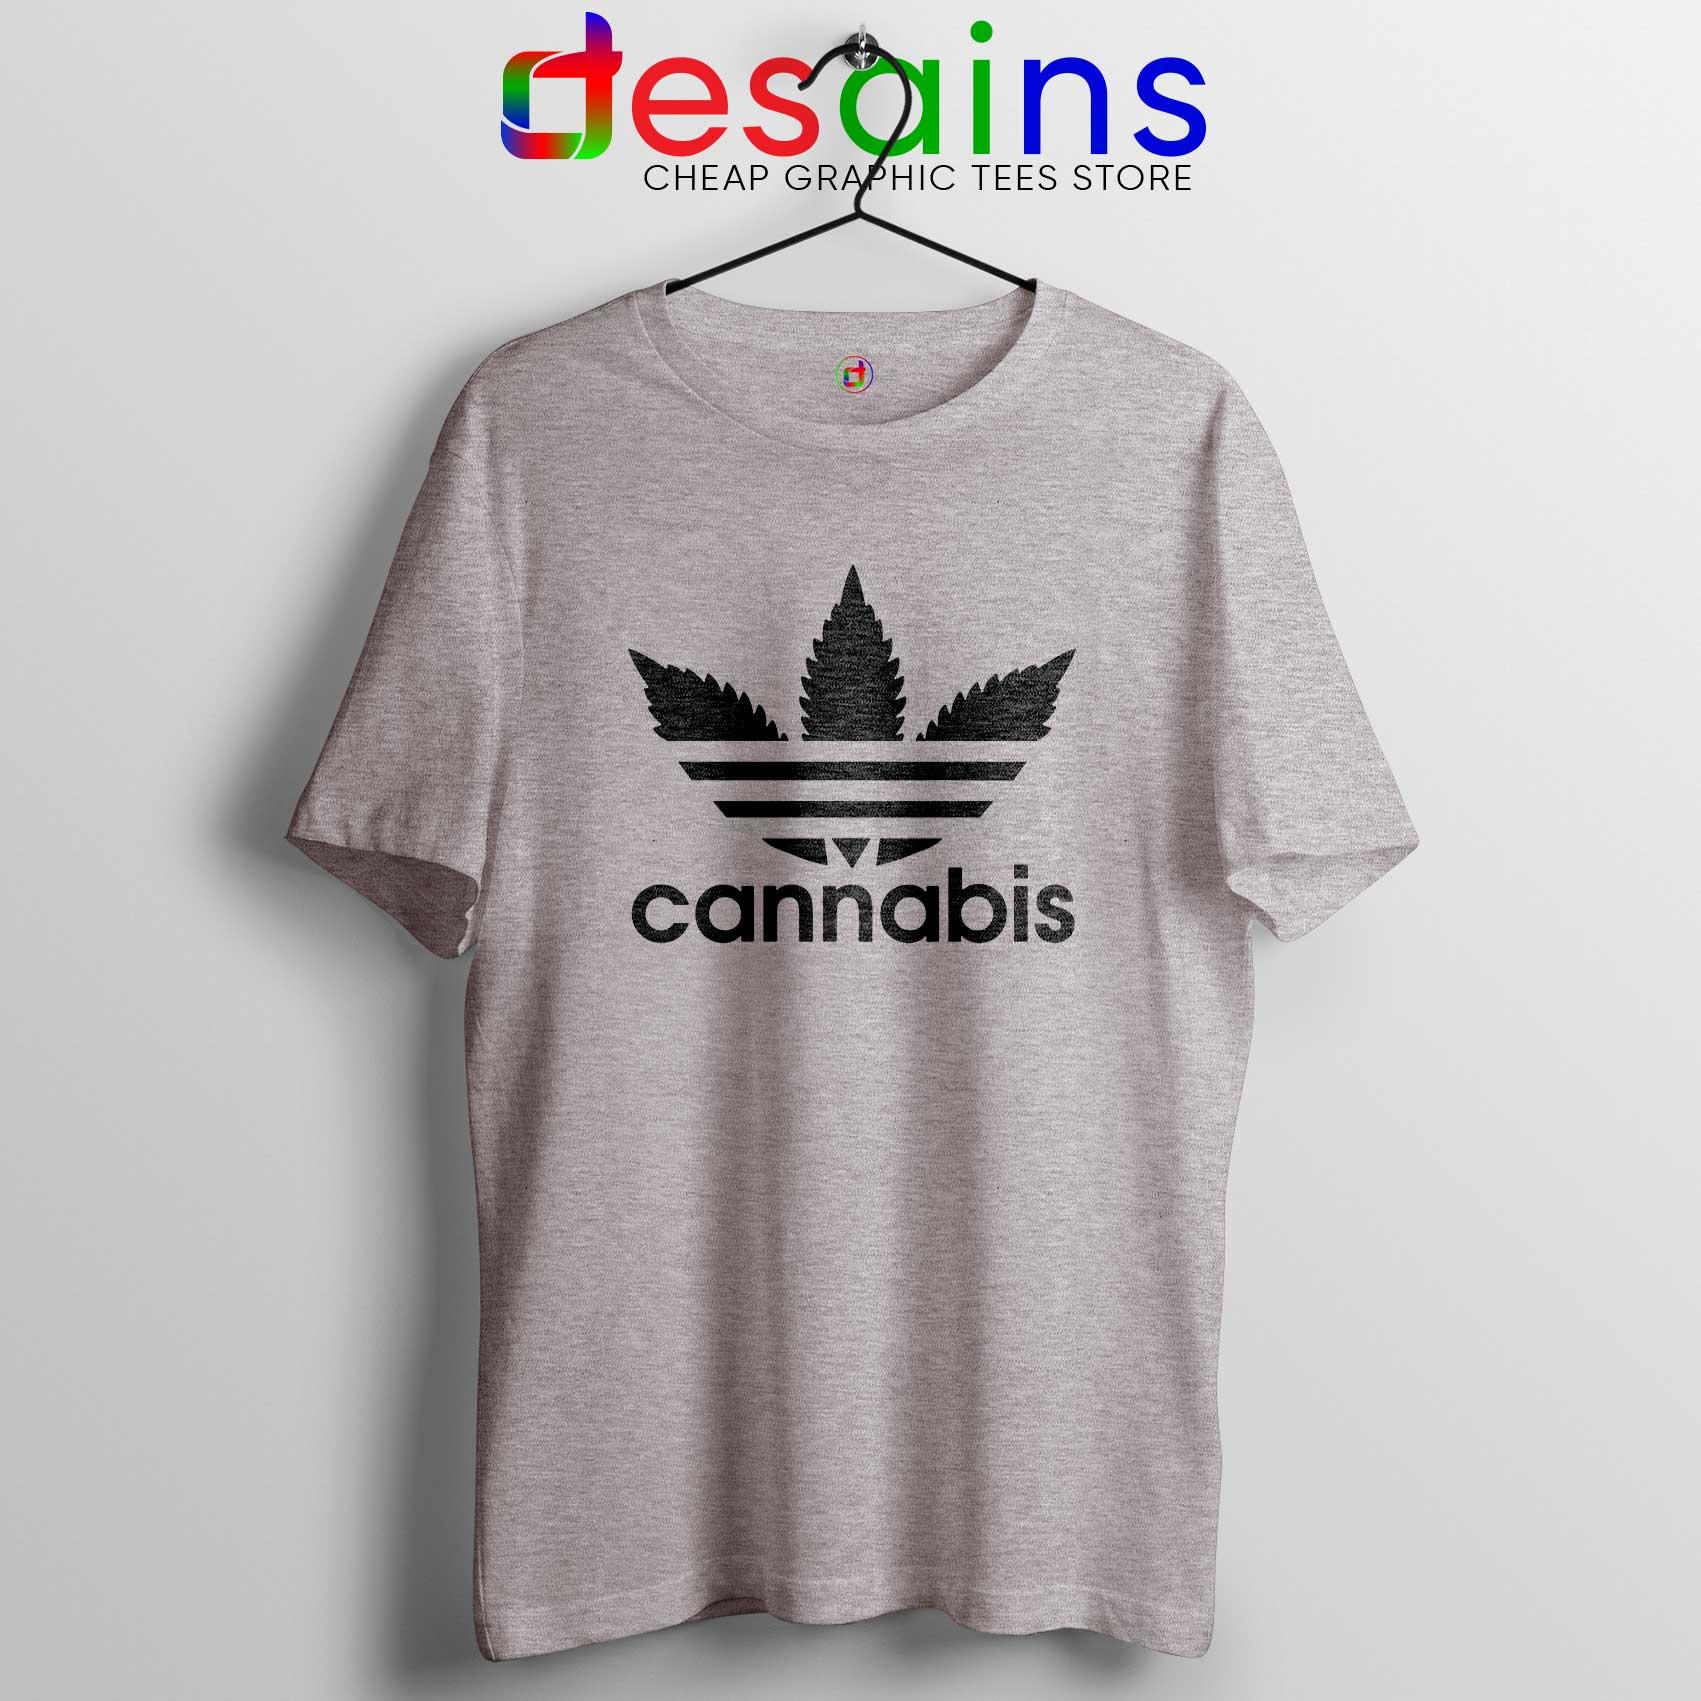 2e302279f0 Tee-Shirt-Cannabis-Leaf-Adidas-Cheap-Tshirt-Adidas-Parody-S-3XL.jpg